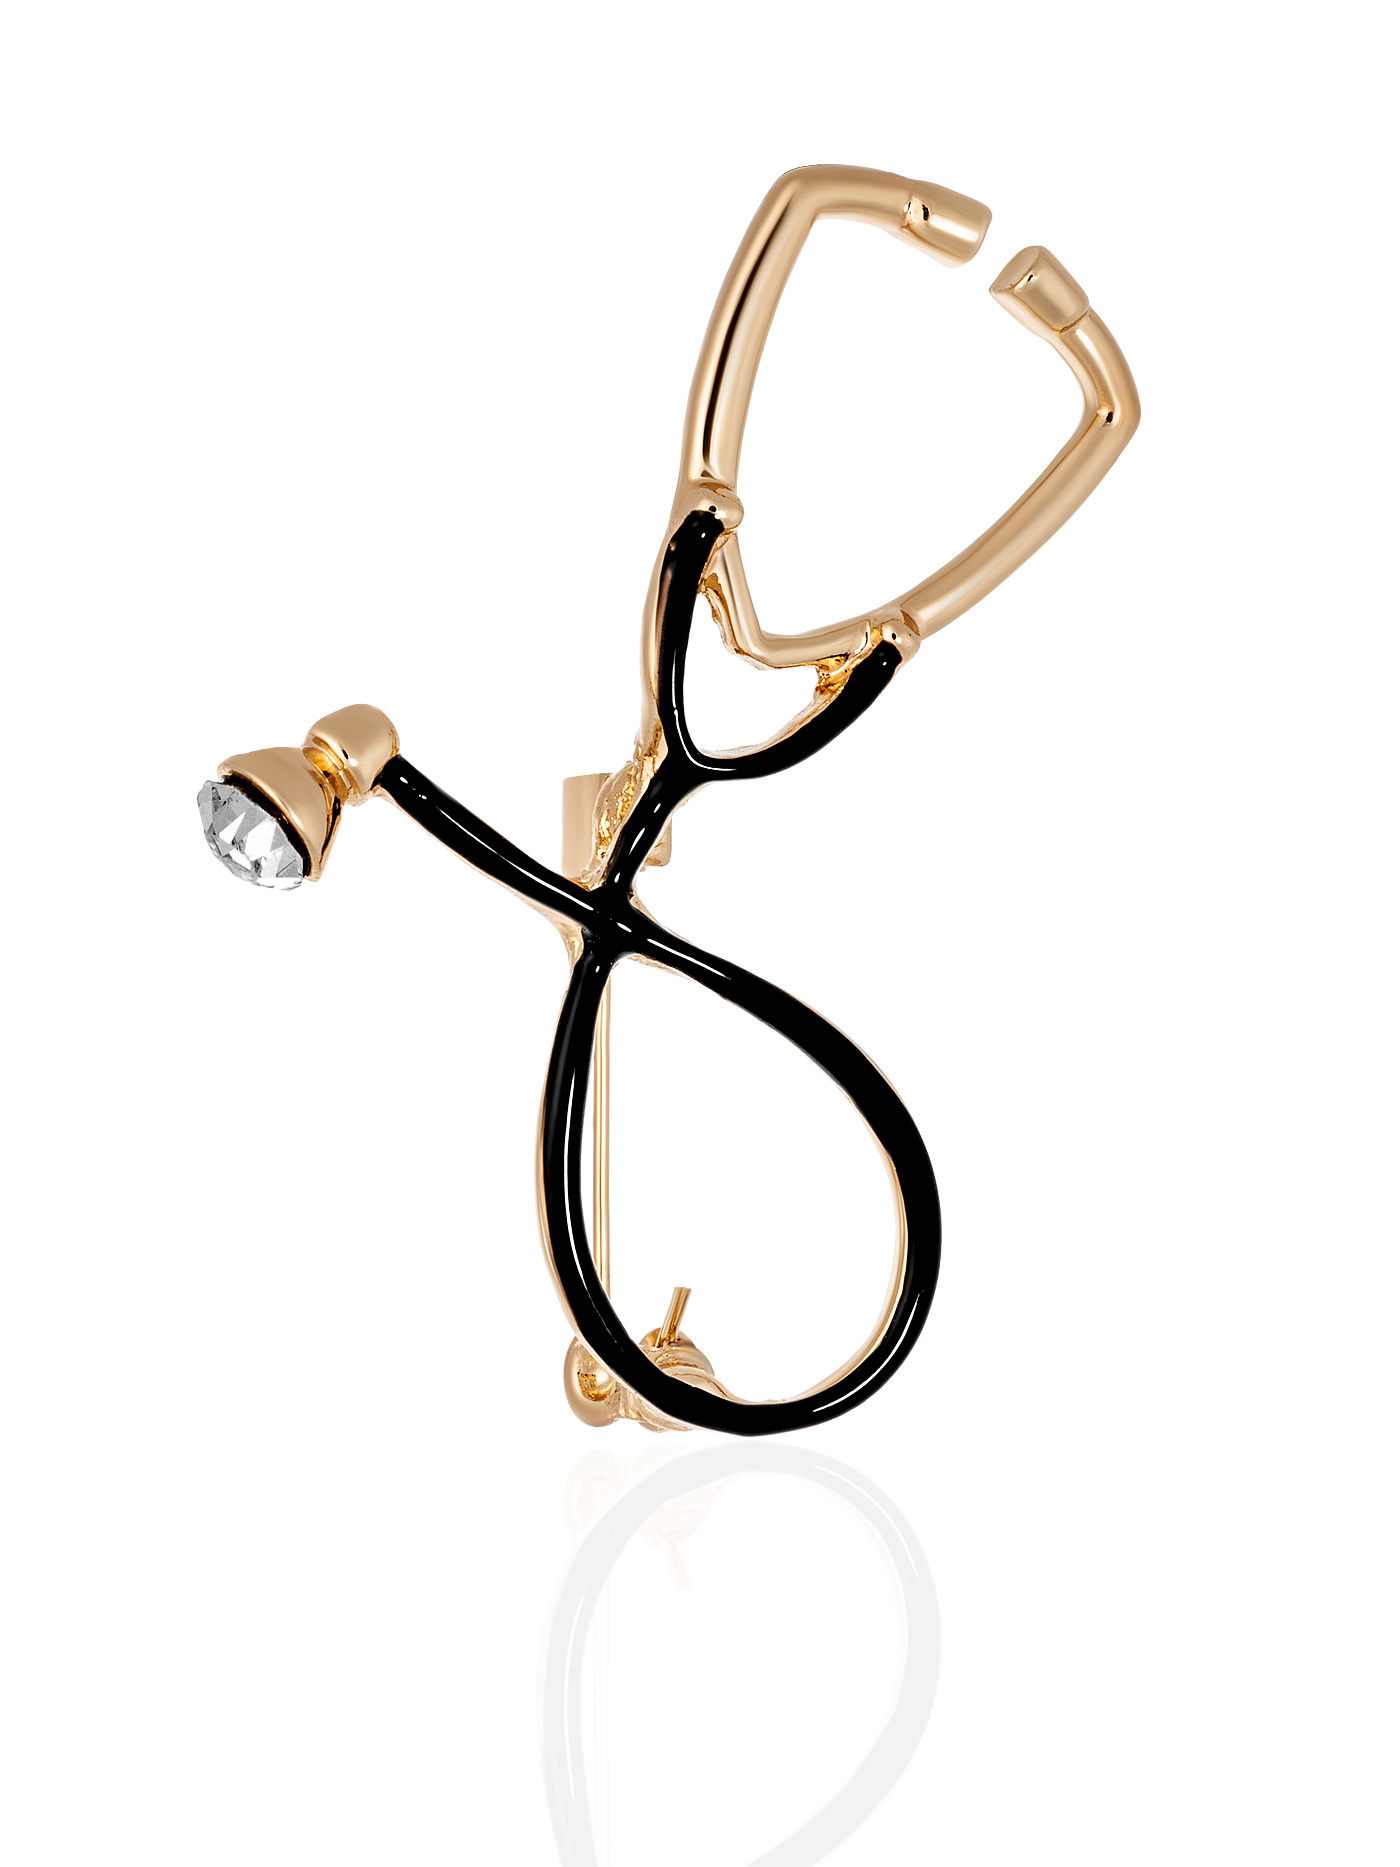 Брошь Стетоскоп в подарочной коробке, подарок доктору, врачу, медсестре, медику